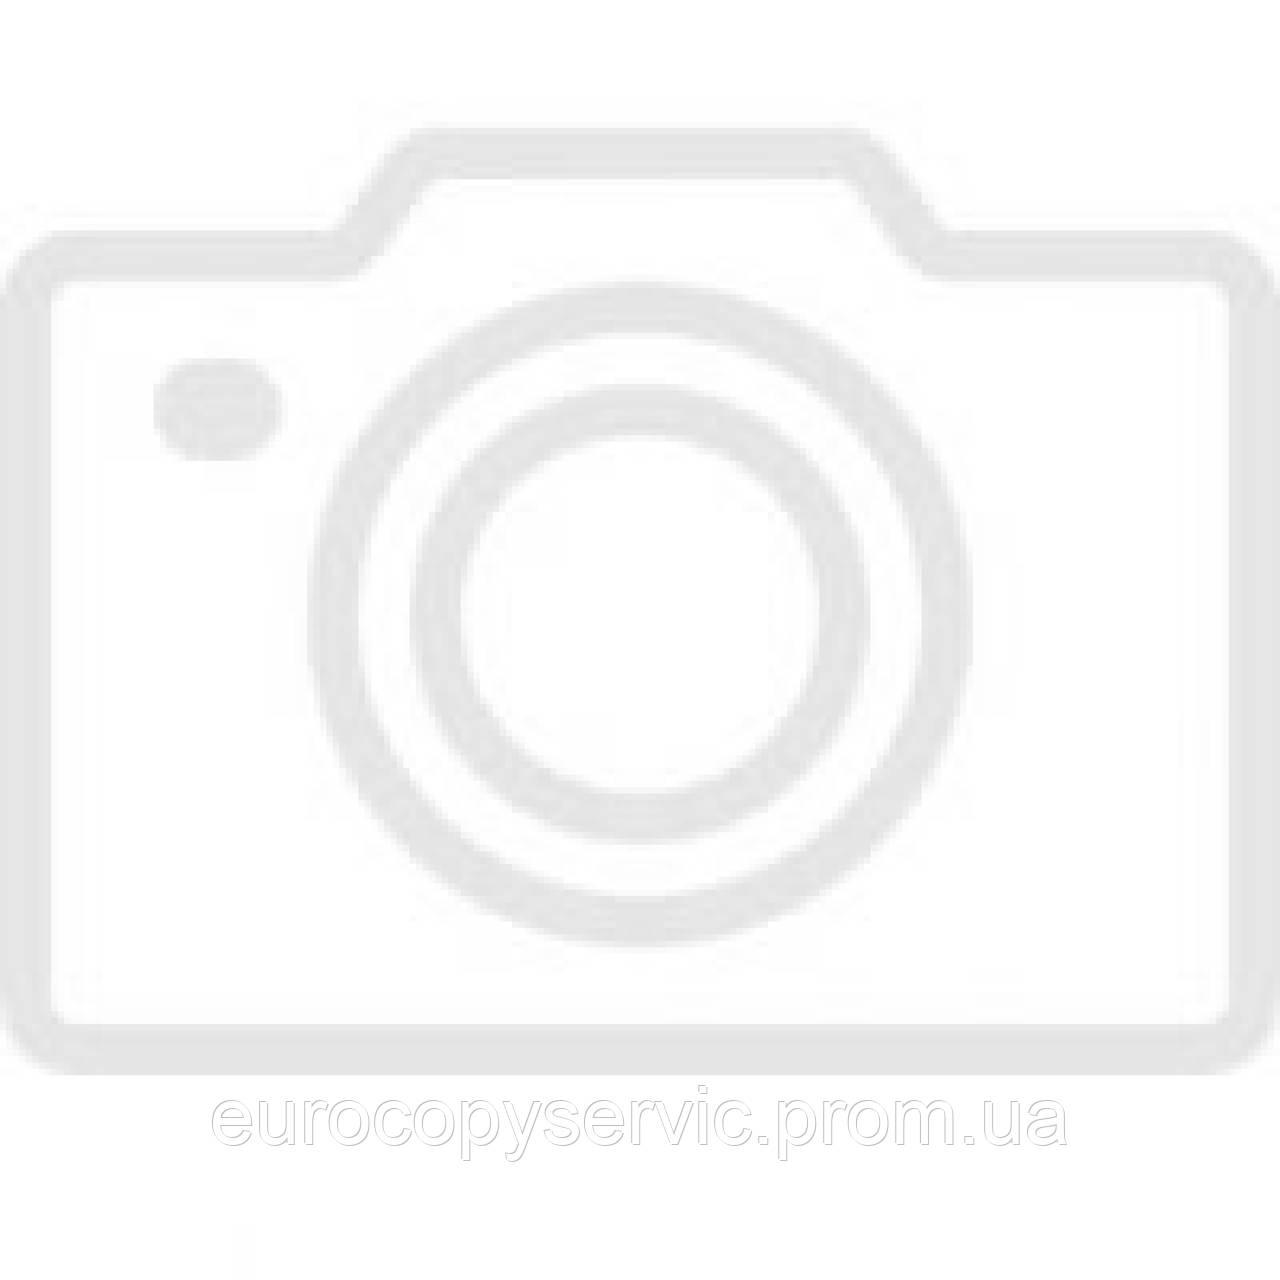 Ролик захоплення 500-лист. касети HP LJ Ent 500 Color M551 Original